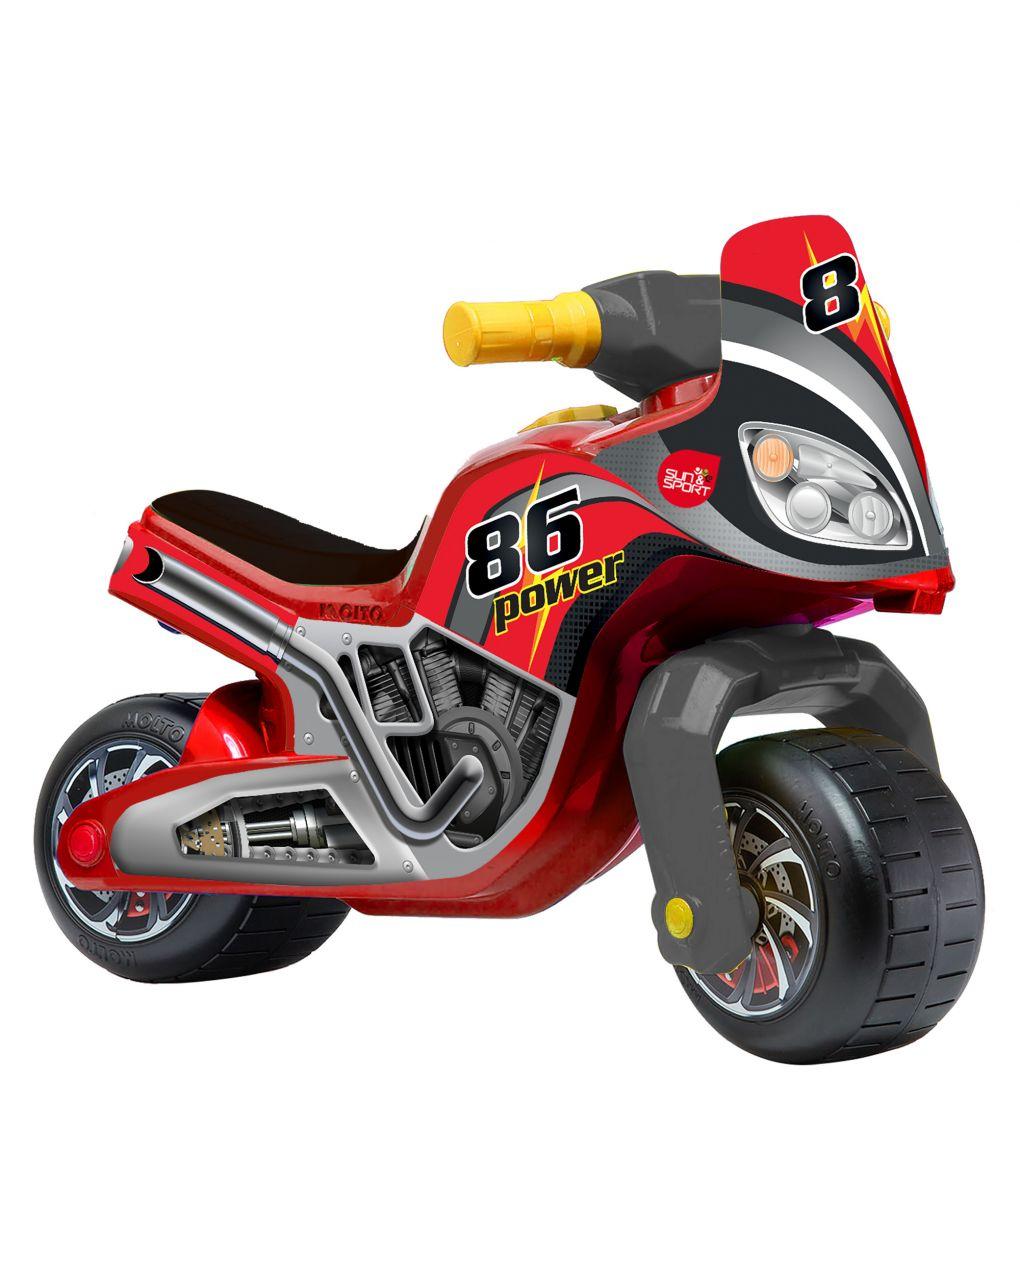 Sol e esporte - mini motocicleta - Sun&Sport